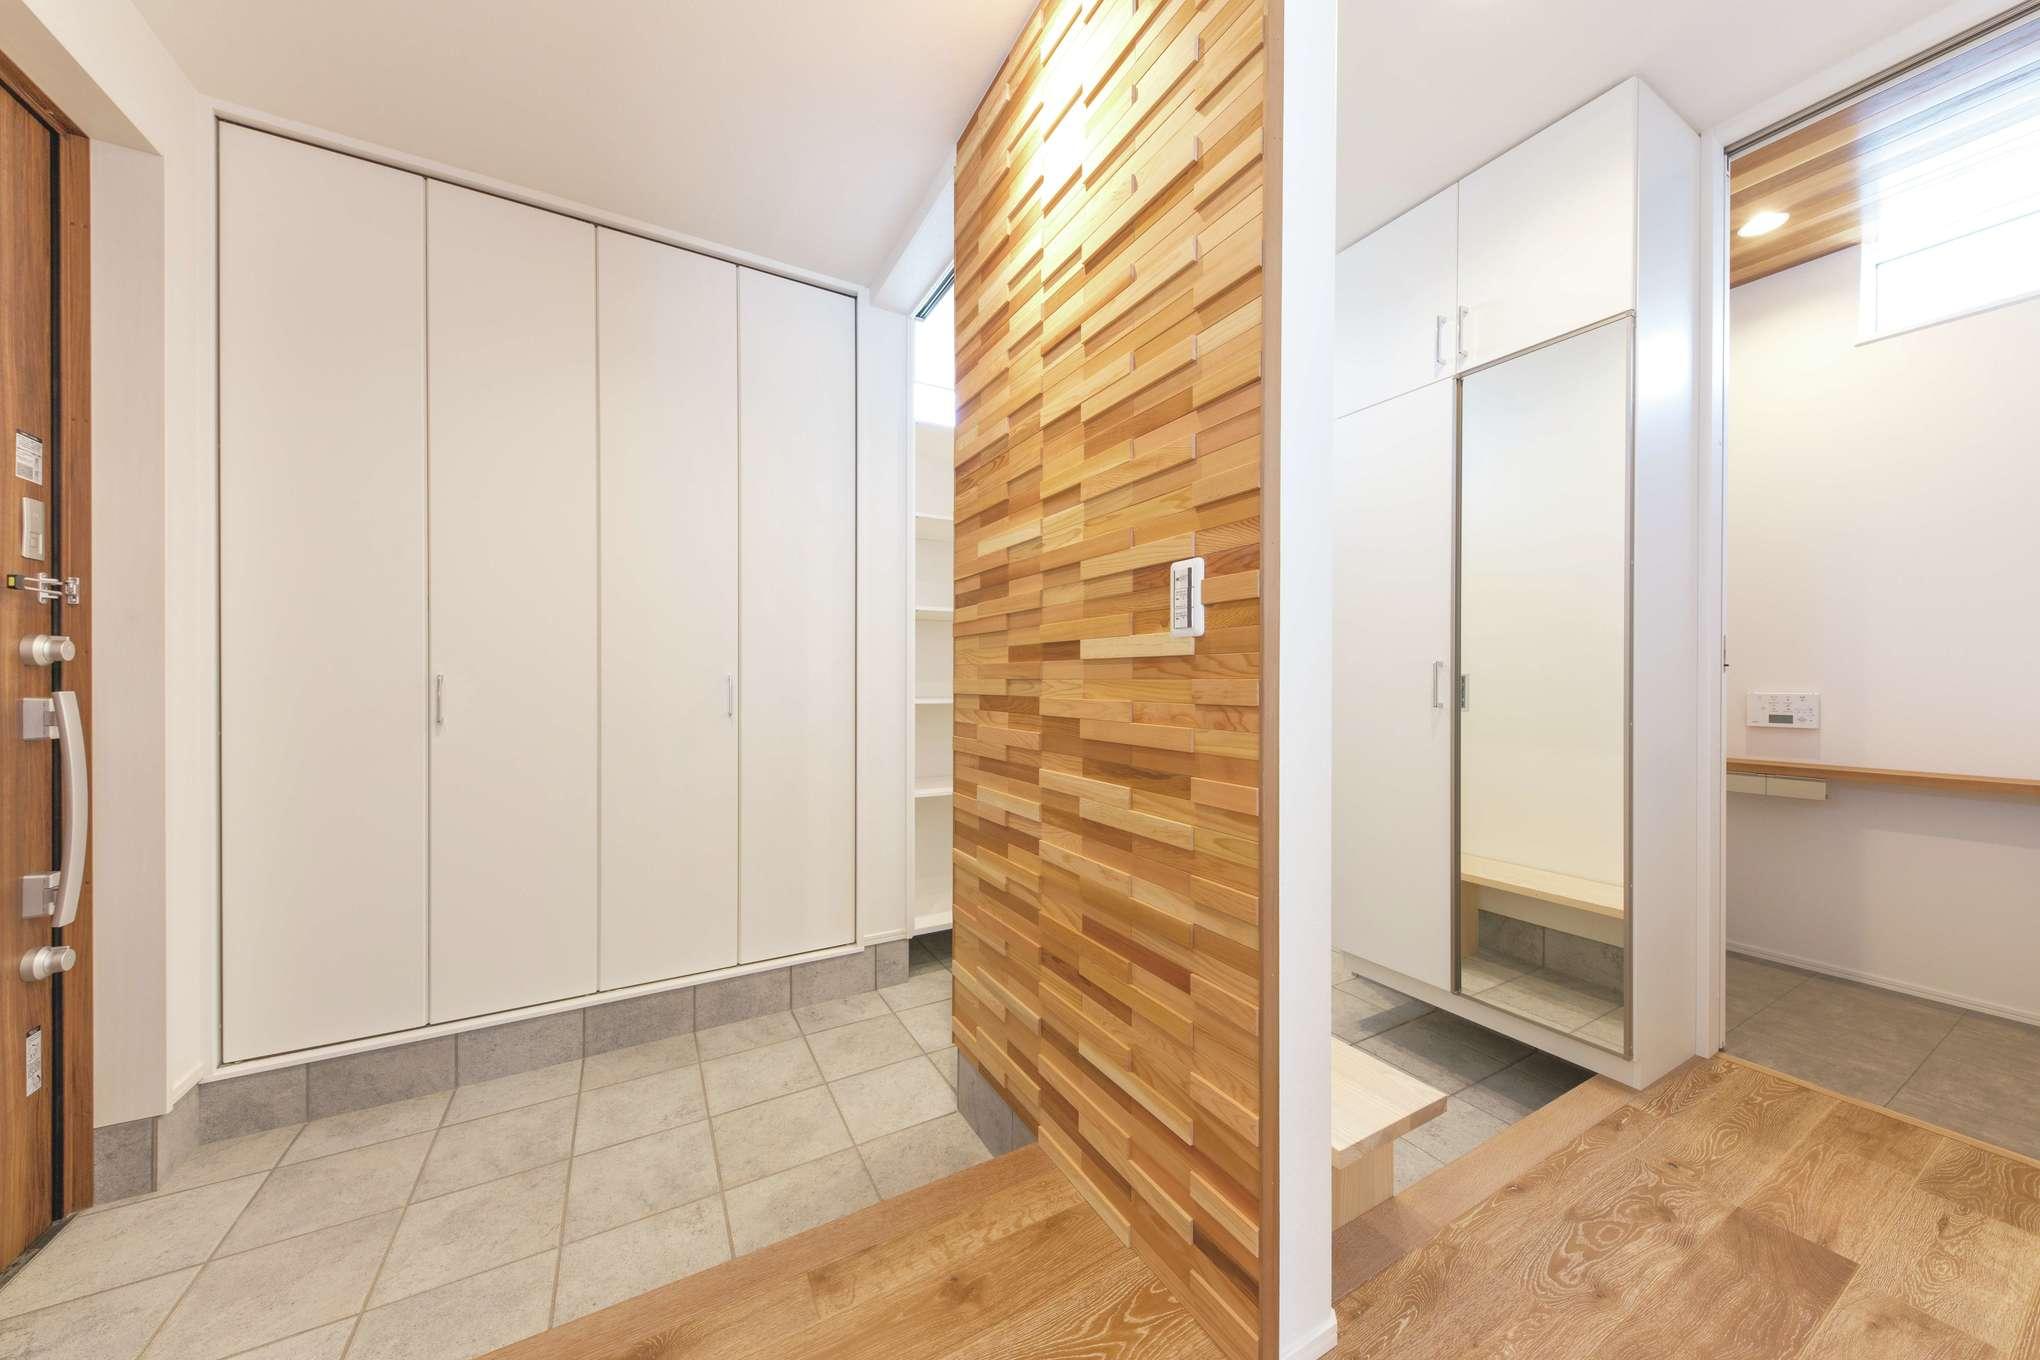 ワンズホーム【デザイン住宅、ペット、平屋】趣味のサーフボードもすっぽり収納できる広い玄関ホール。ウッドモザイクのパネルでアクセントをつけた